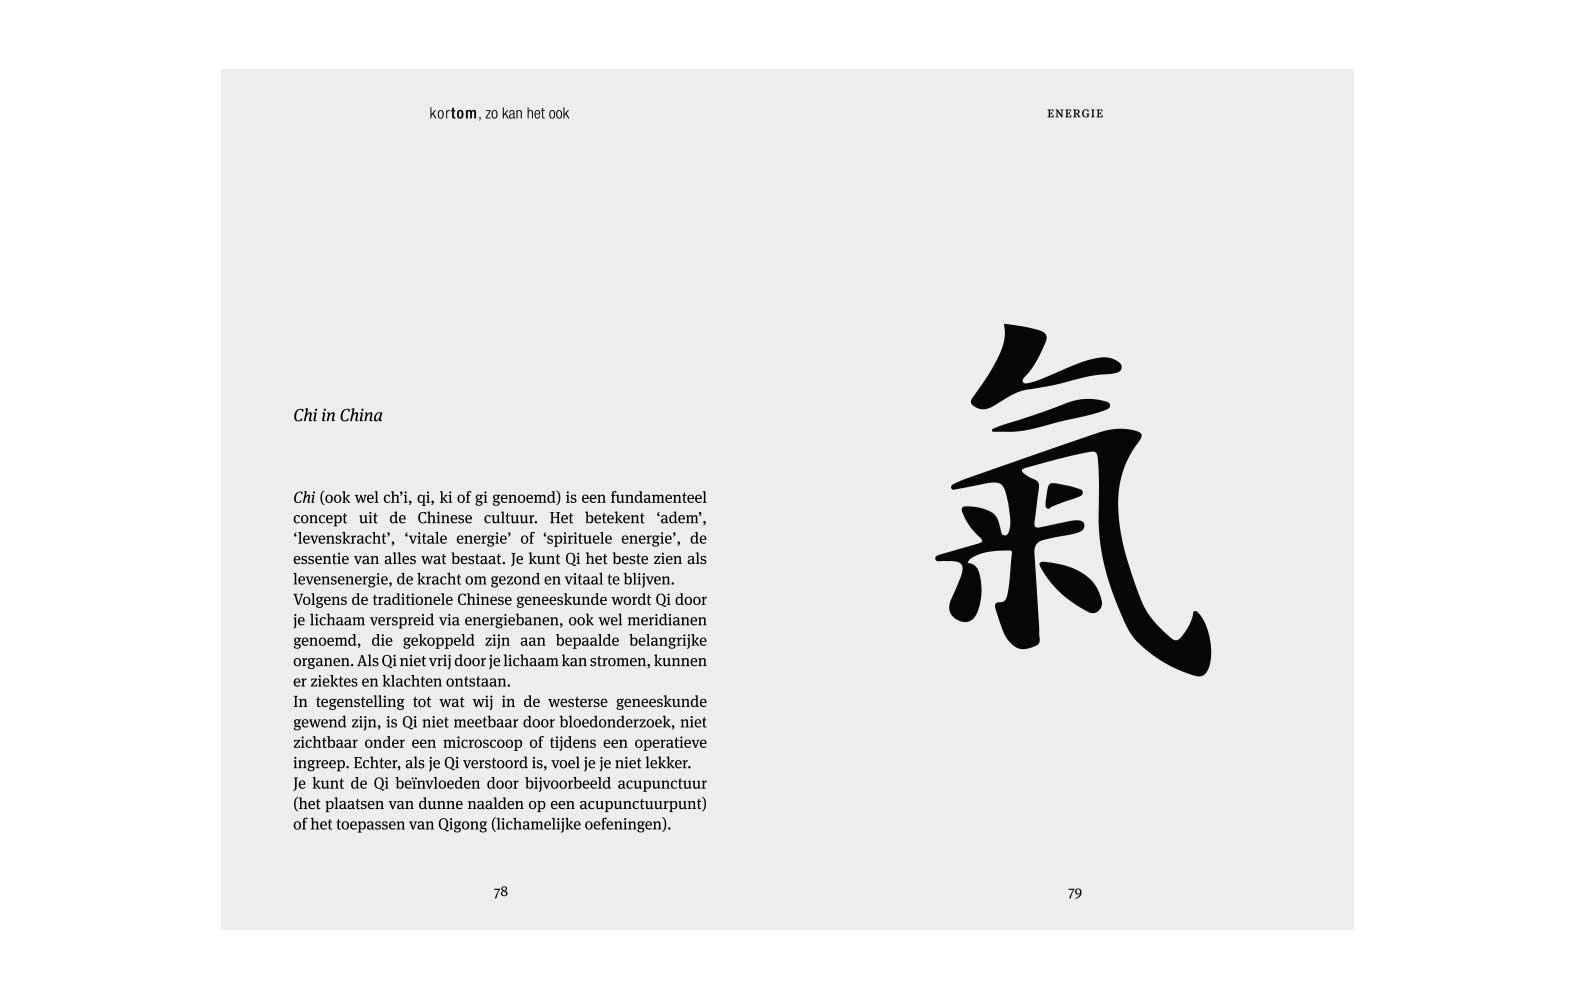 StudioErnst-TomTichelaar-boek-Zokanhetook-7879